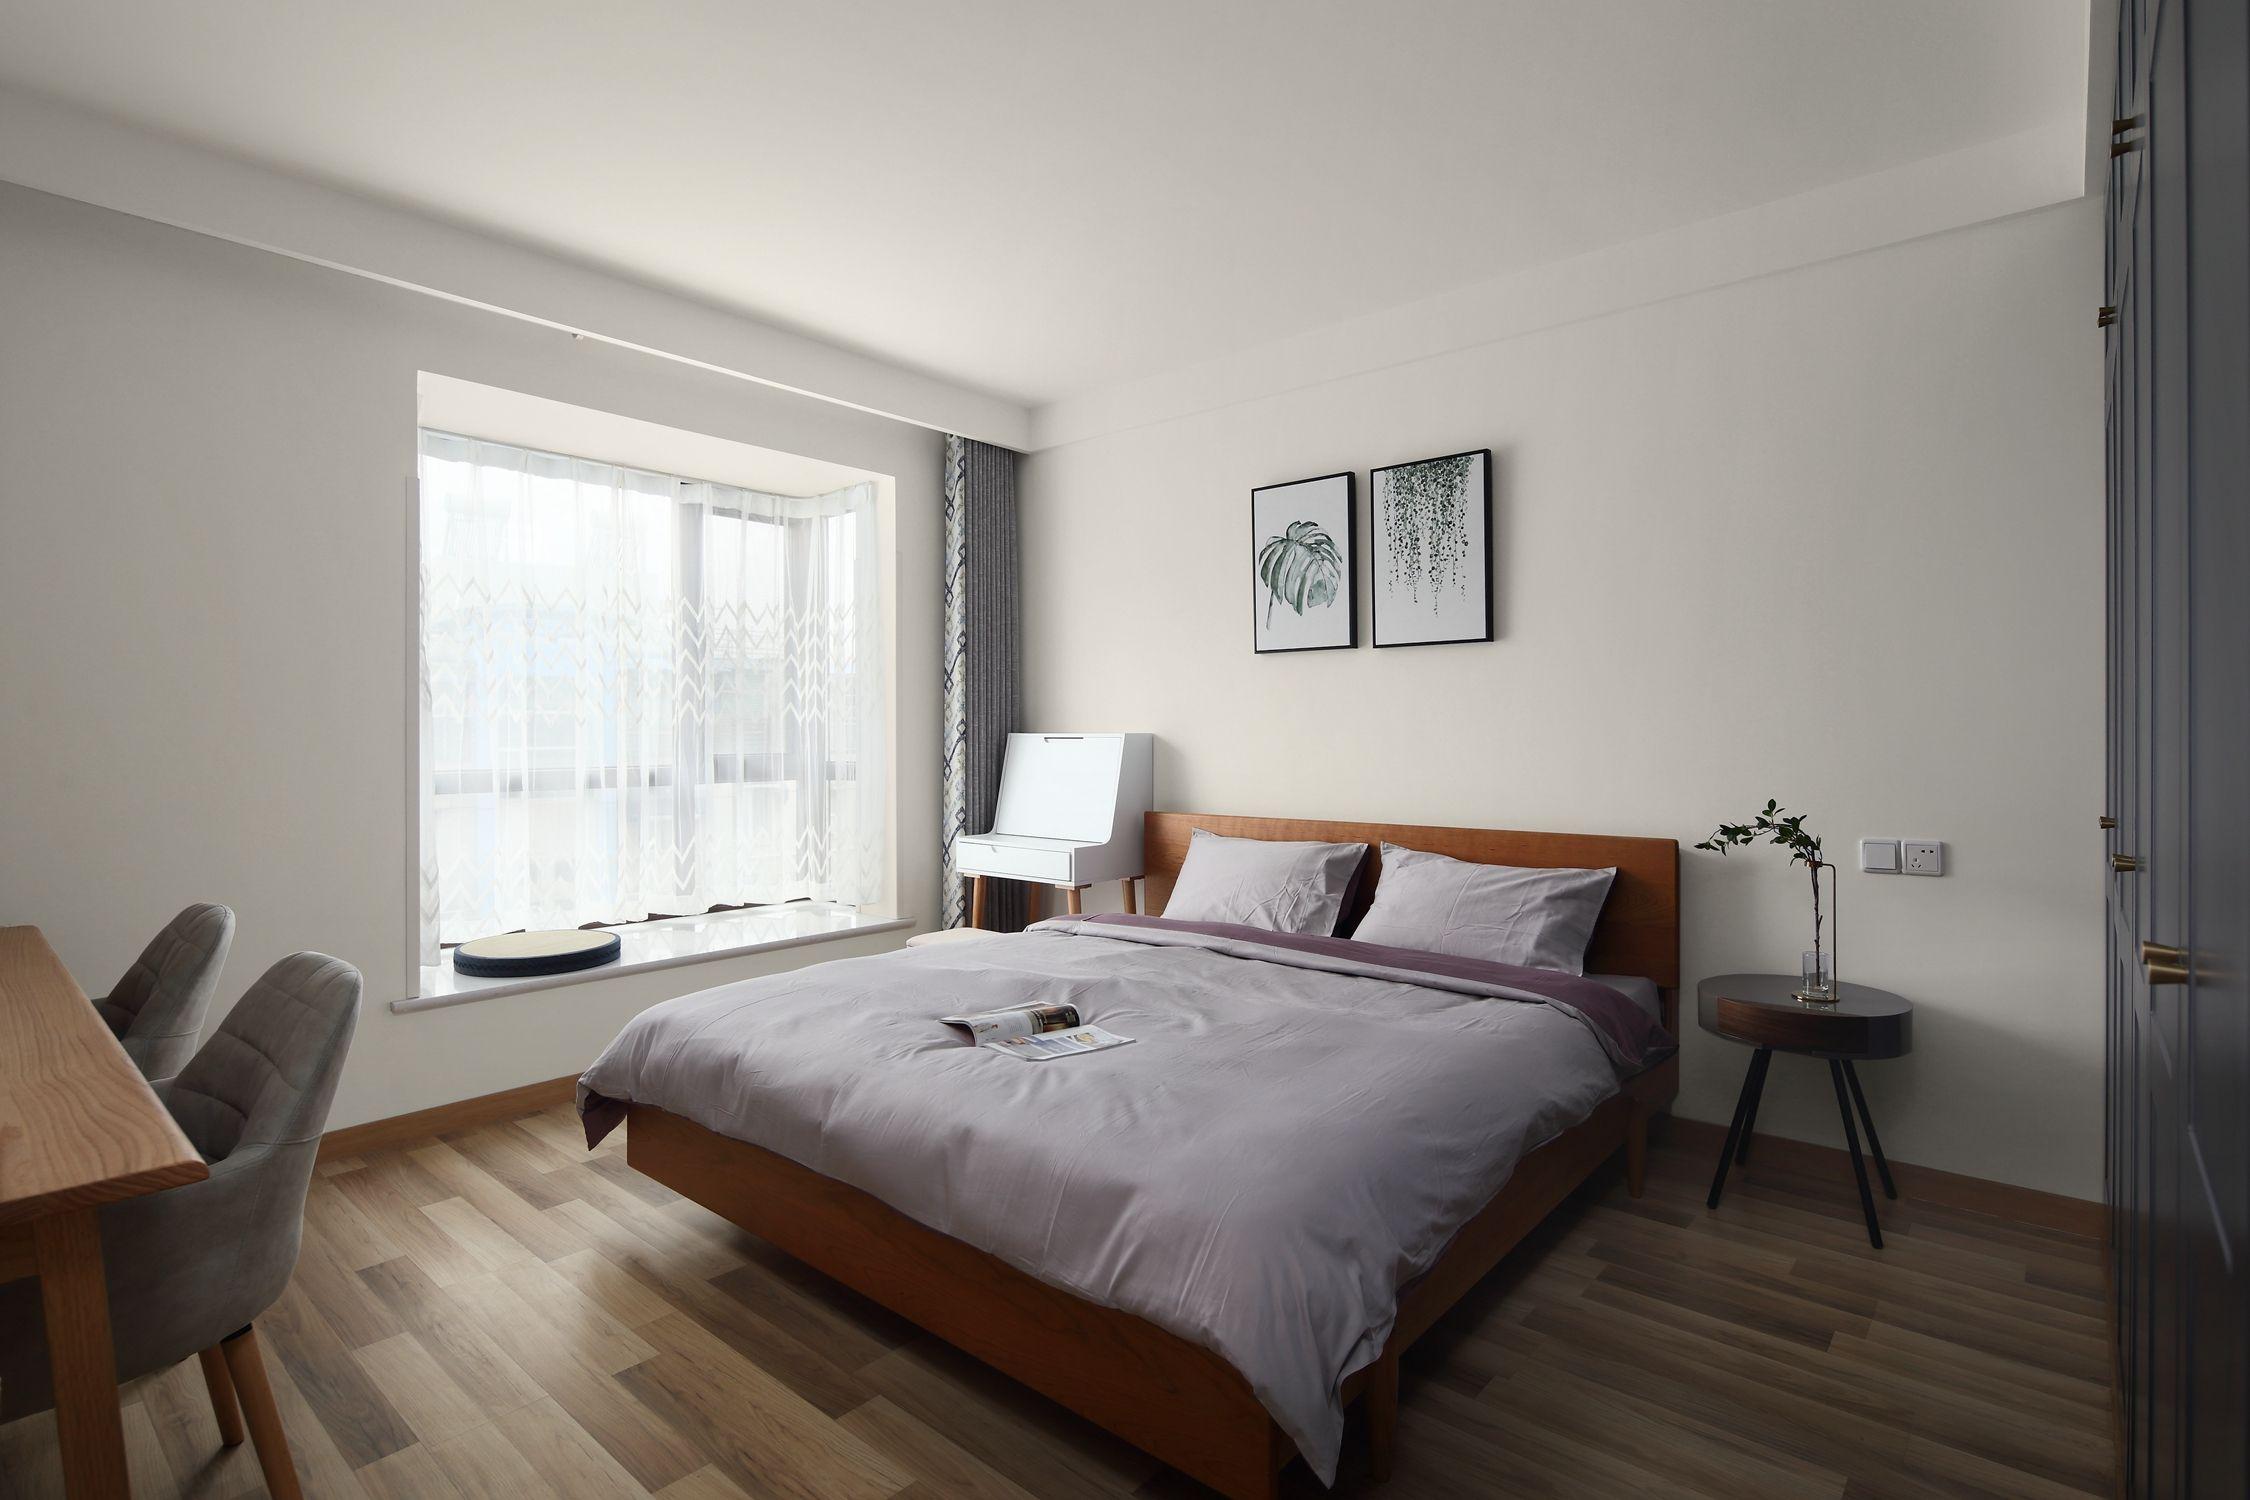 卧室床头朝哪个方向好?找不到最佳位置该如何装修